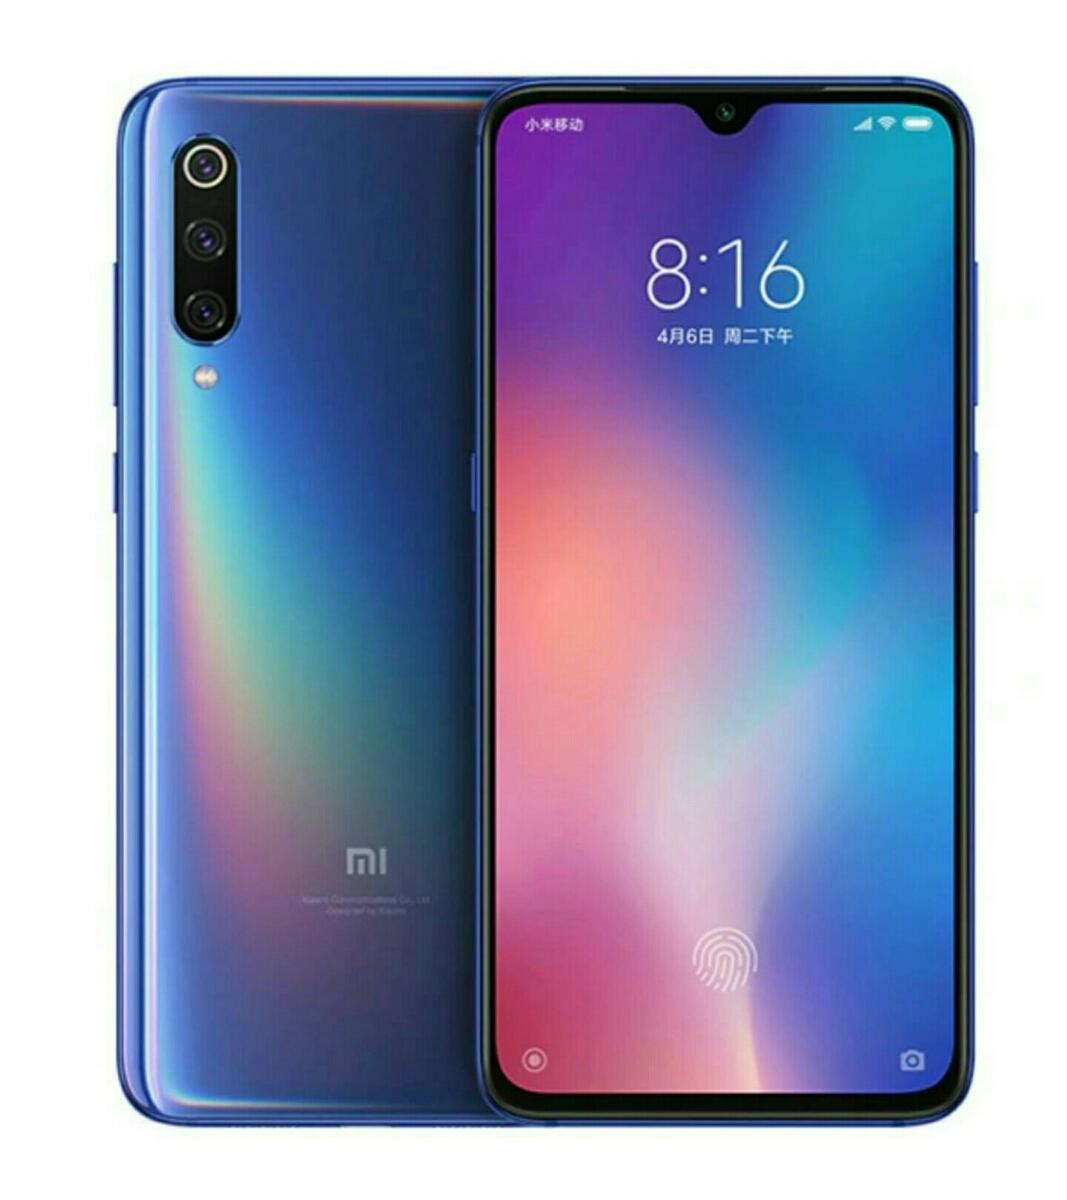 【新品未使用未開封品】Xiaomi Mi9 Ocean Blue 6GB RAM 128GB ROM Global Ver. シャオミ グローバルバージョン